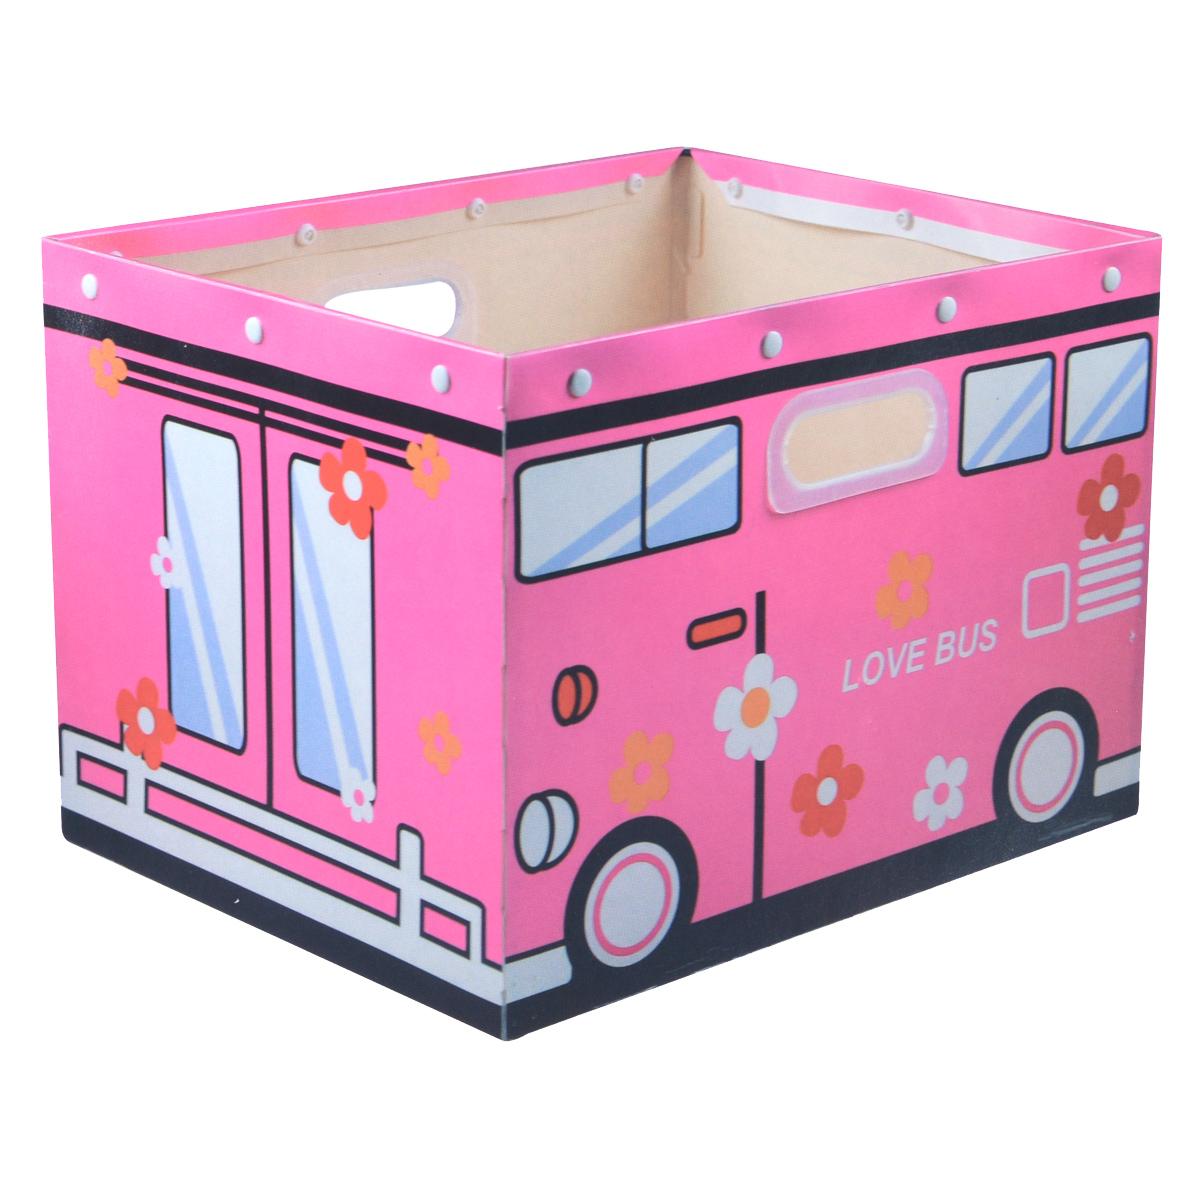 Коробка для хранения House & Holder Love Bus, цвет: розовый, 38 х 30 х 27 смDB-59Декоративная коробка для хранения House & Holder Love Bus изготовленная в виде замечательного автобуса, станет незаменимым помощником для всех членов семьи, но особенно для детей. Благодаря ее универсальности в ней можно хранить самые разнообразные вещи: от предметов домашнего обихода до детских игрушек и книжек, а плотно прилегающая крышка защитит их от влаги и пыли. Удобные ручки обеспечат комфорт при переноске.Размер коробки: 38 см х 30 см х 27 см.